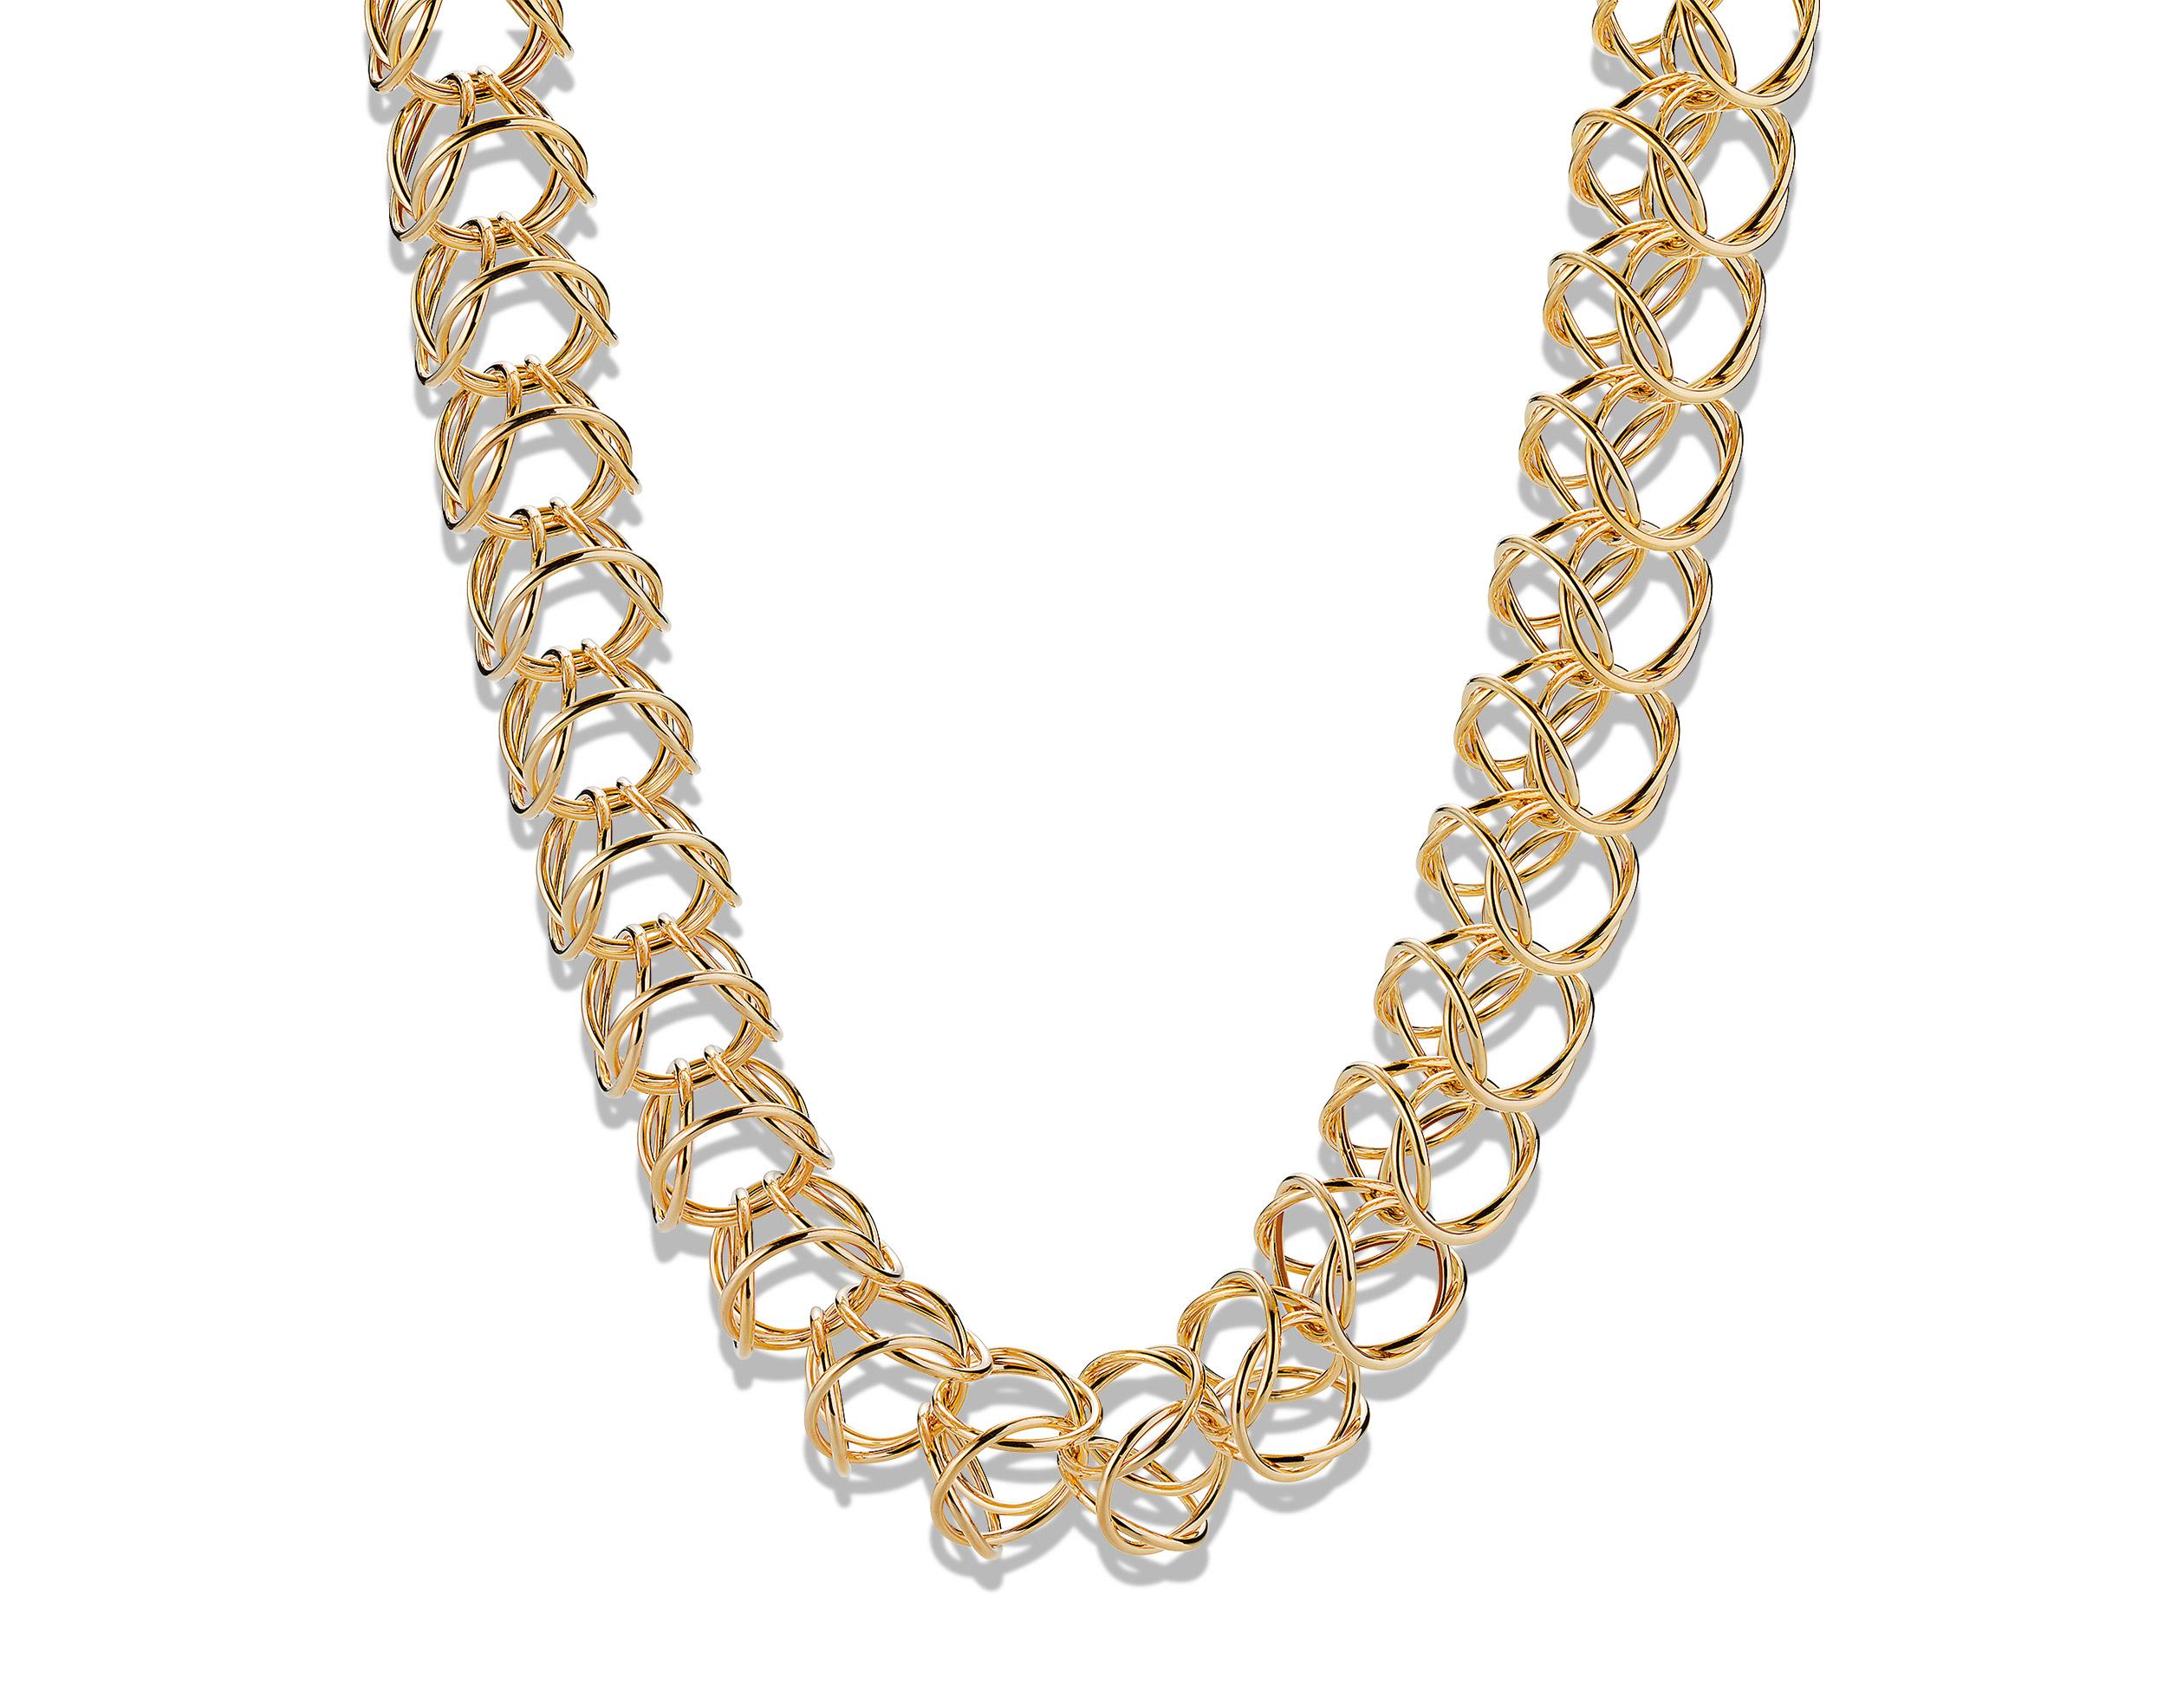 Produktbild Collier Königskettenknoten groß